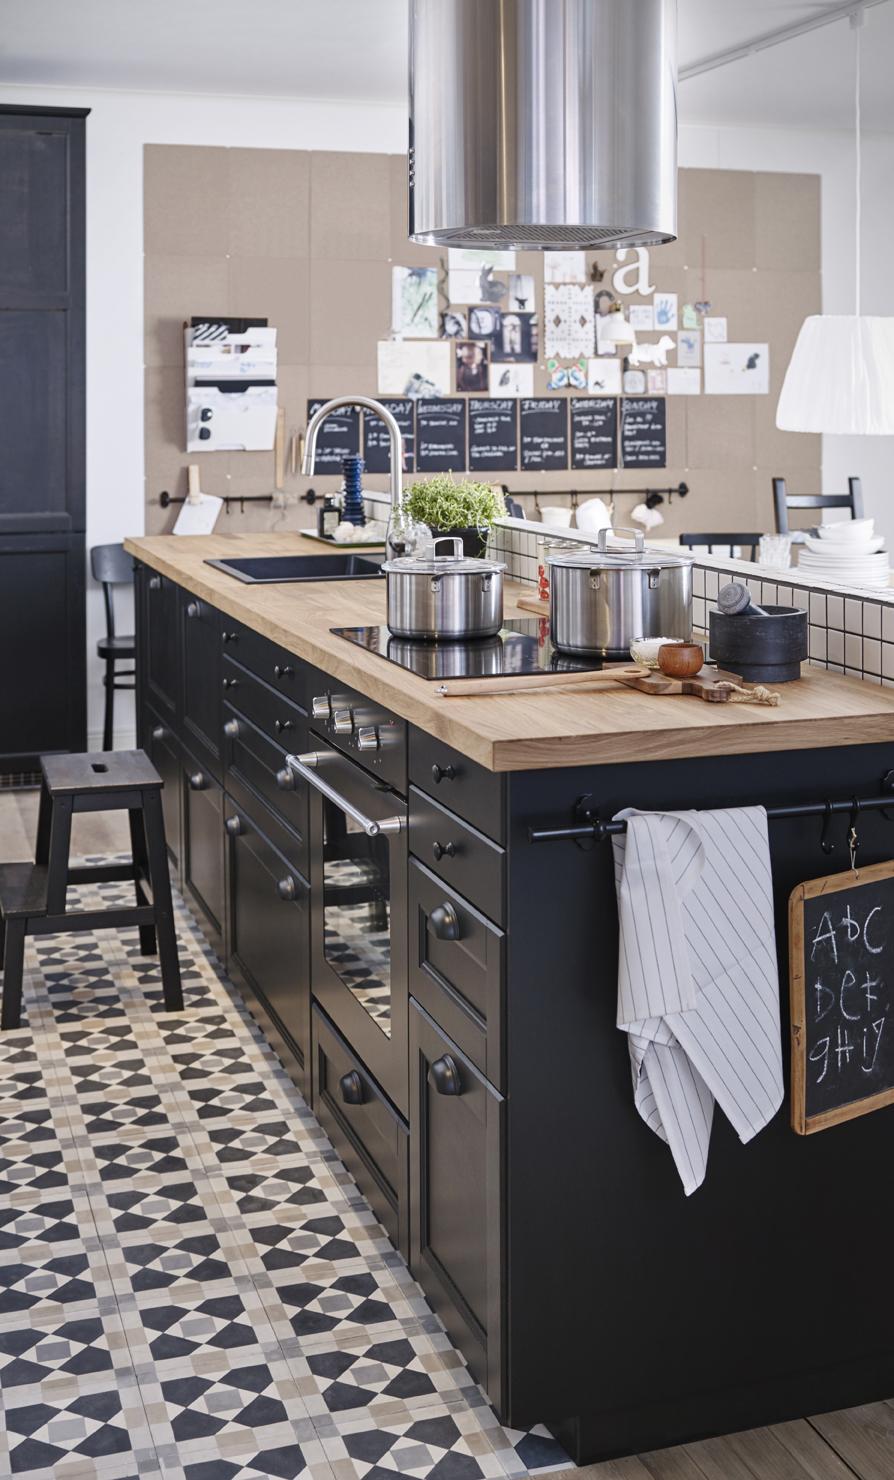 novedades ikea todo gira entorno a la cocina